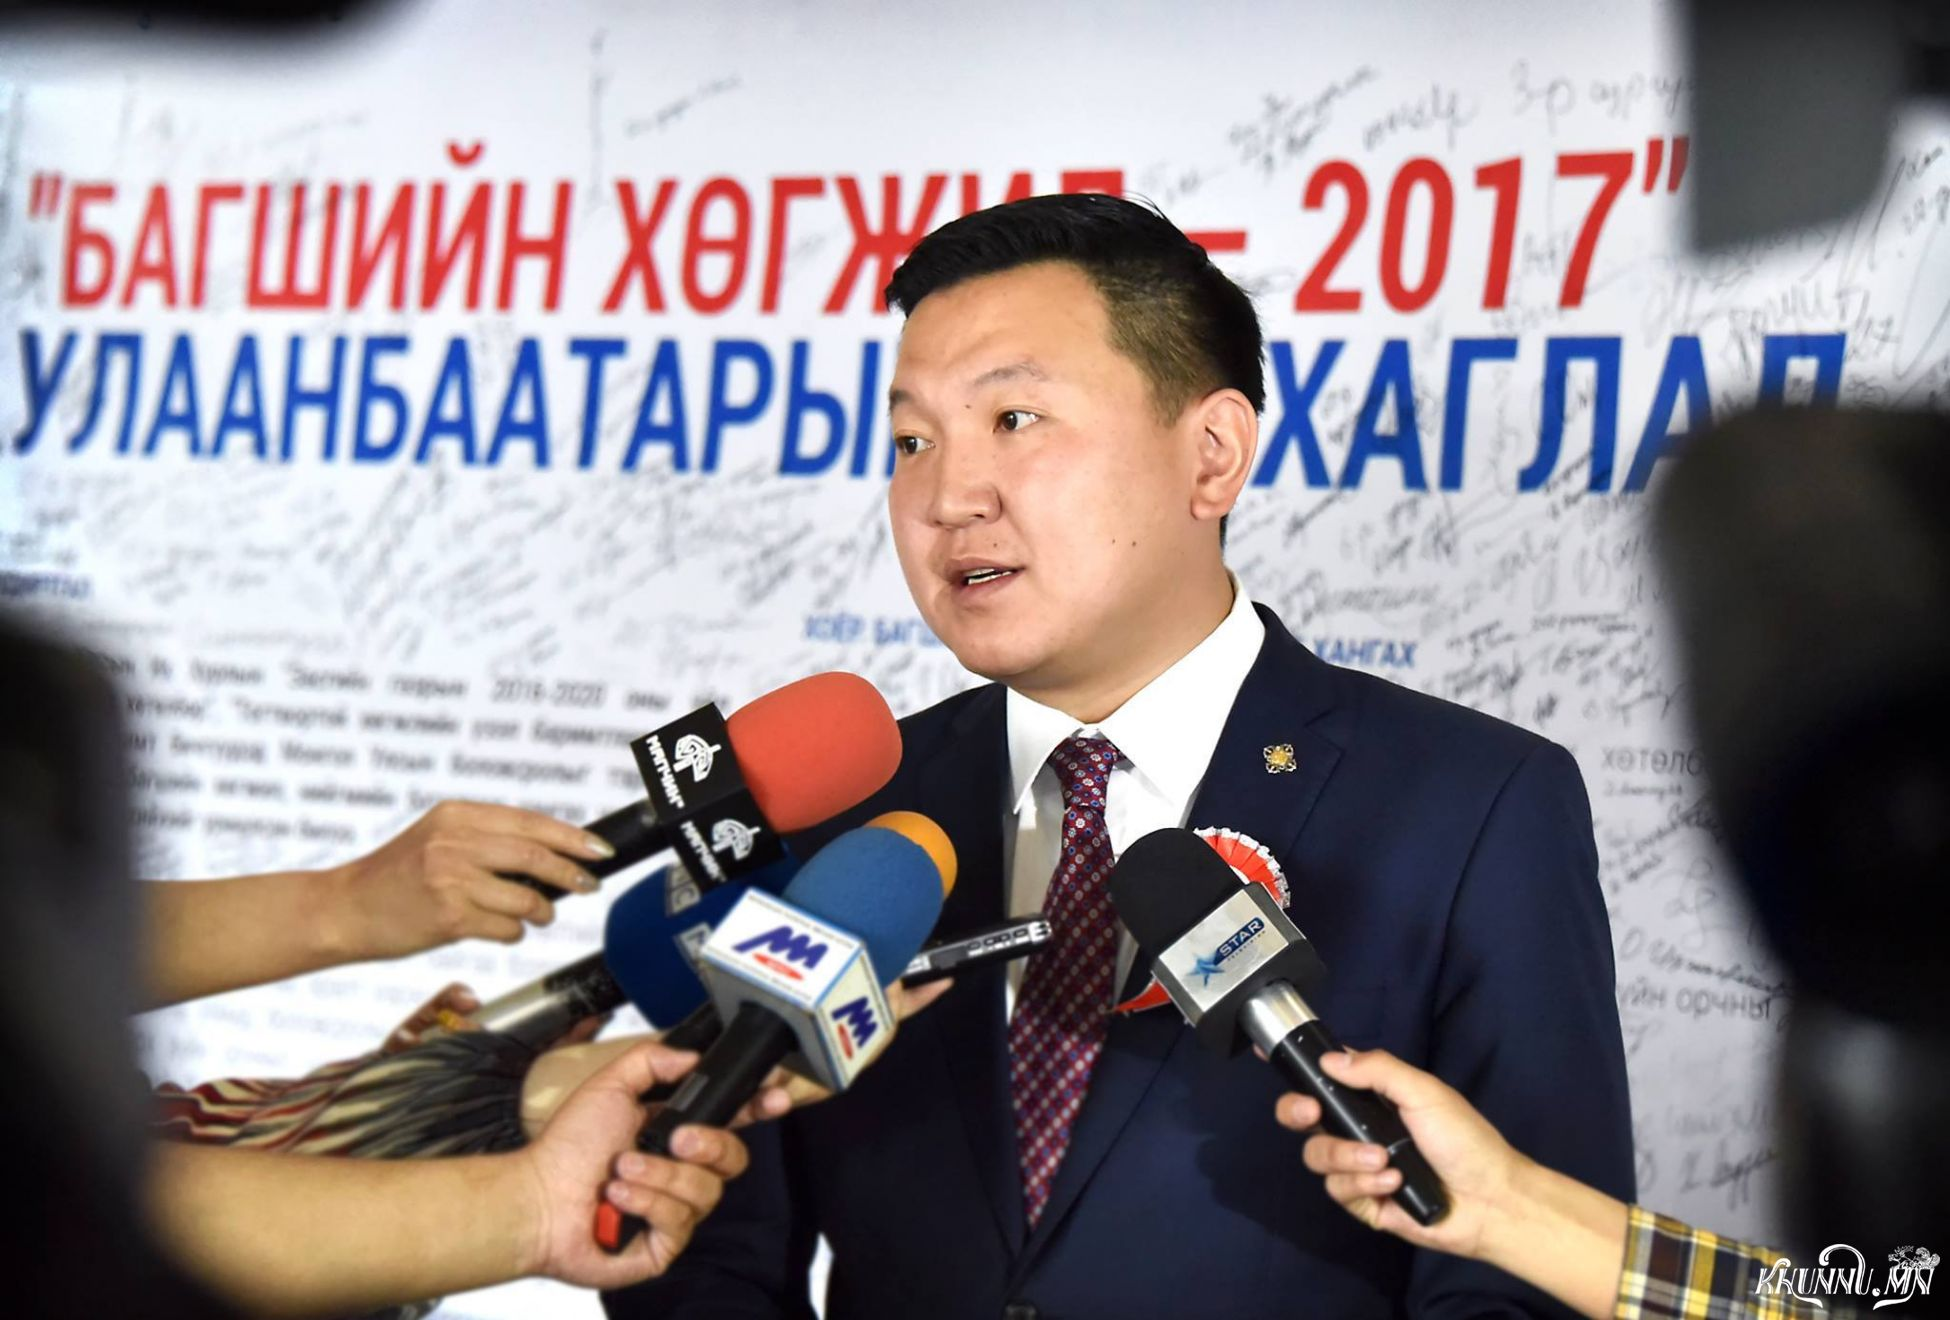 УИХ-ын гишүүн Н.Учрал: Багшийн хөгжлийн асуудал бол Монголын хөгжлийн асуудал